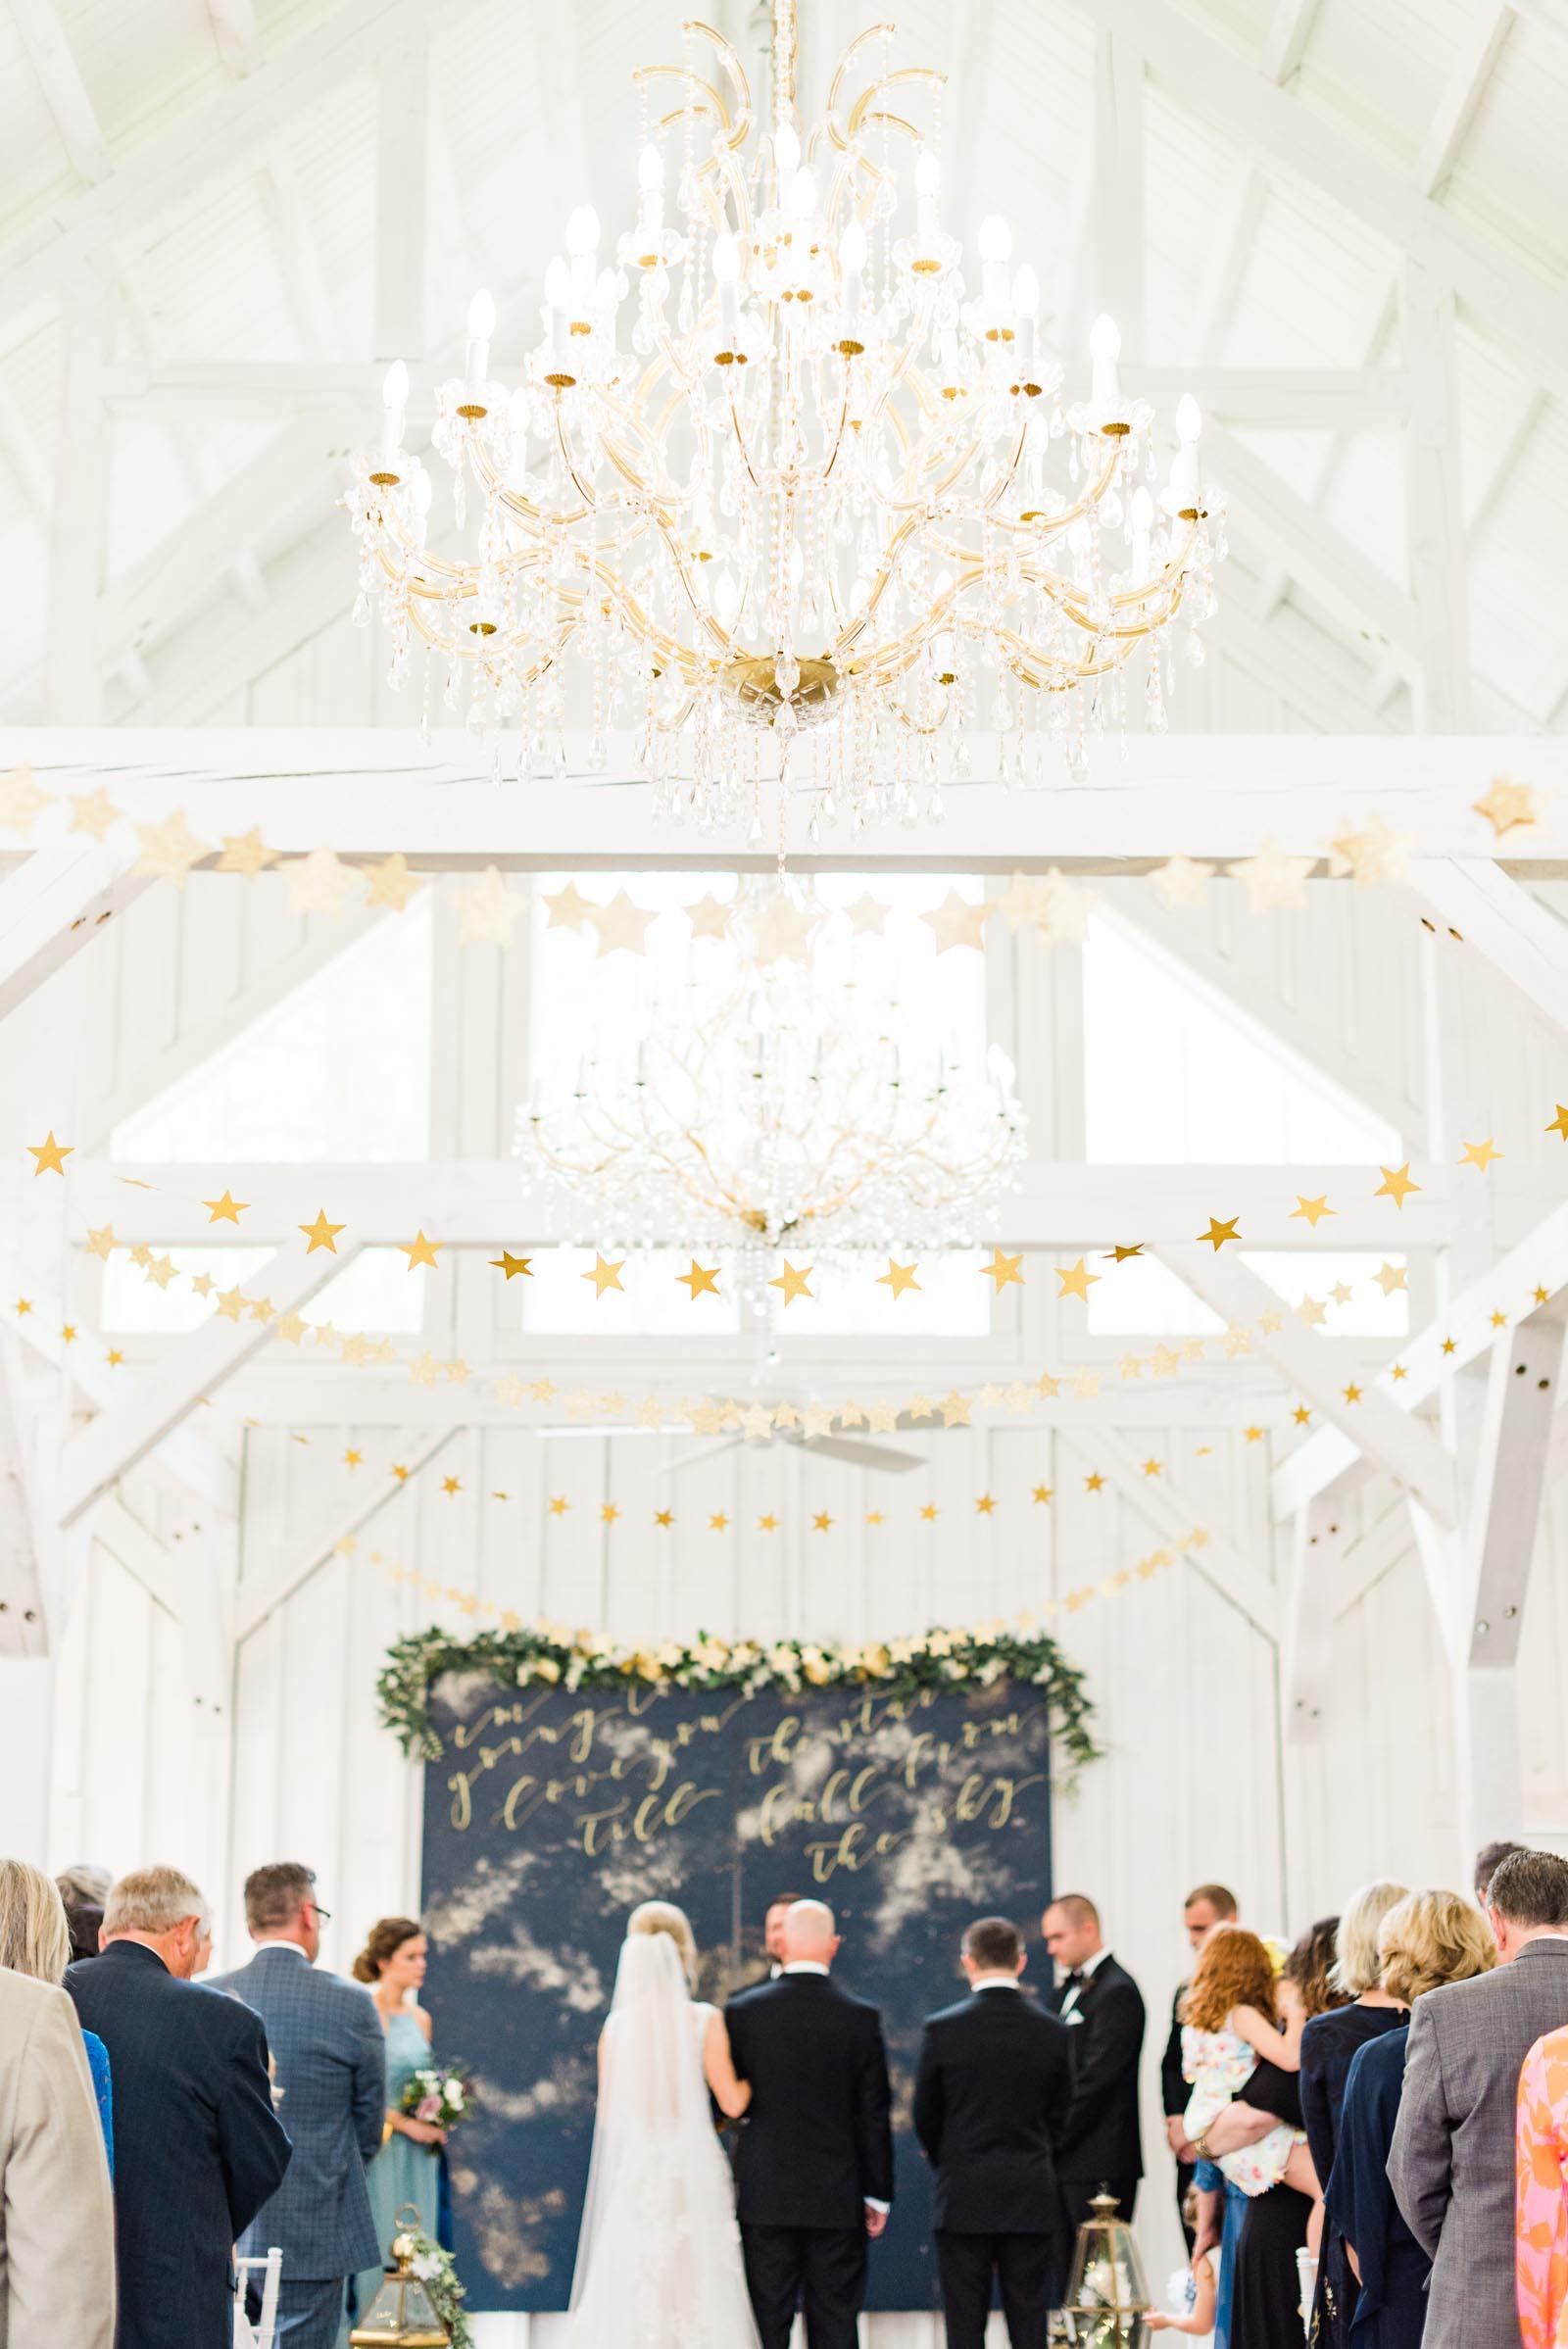 Aurora+Farms+Wedding+in+Greenville,+SC+Markie+Walden+Photography-79.jpg